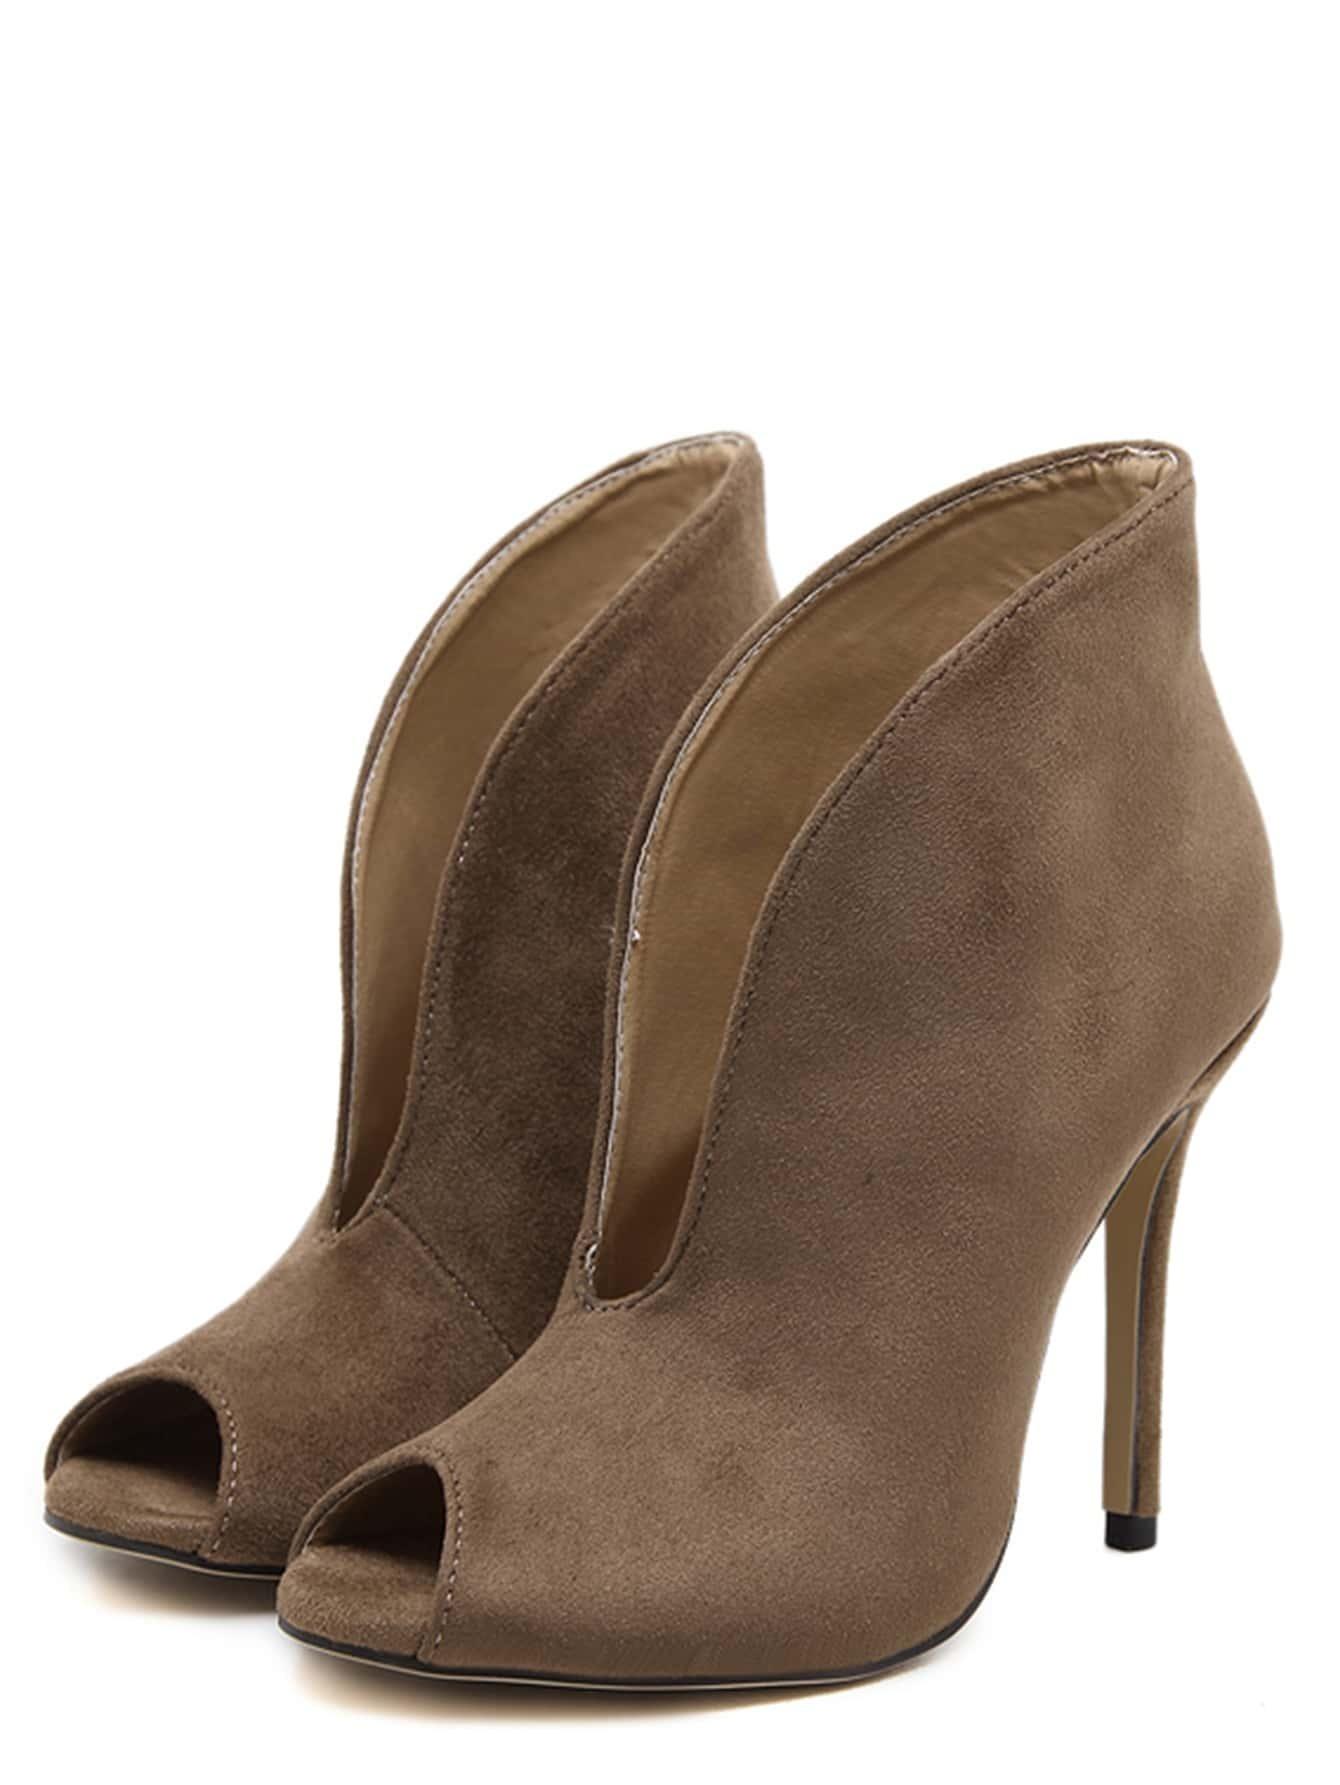 Chaussures talon haut en su d bout ouvert kaki for Acheter maison suede